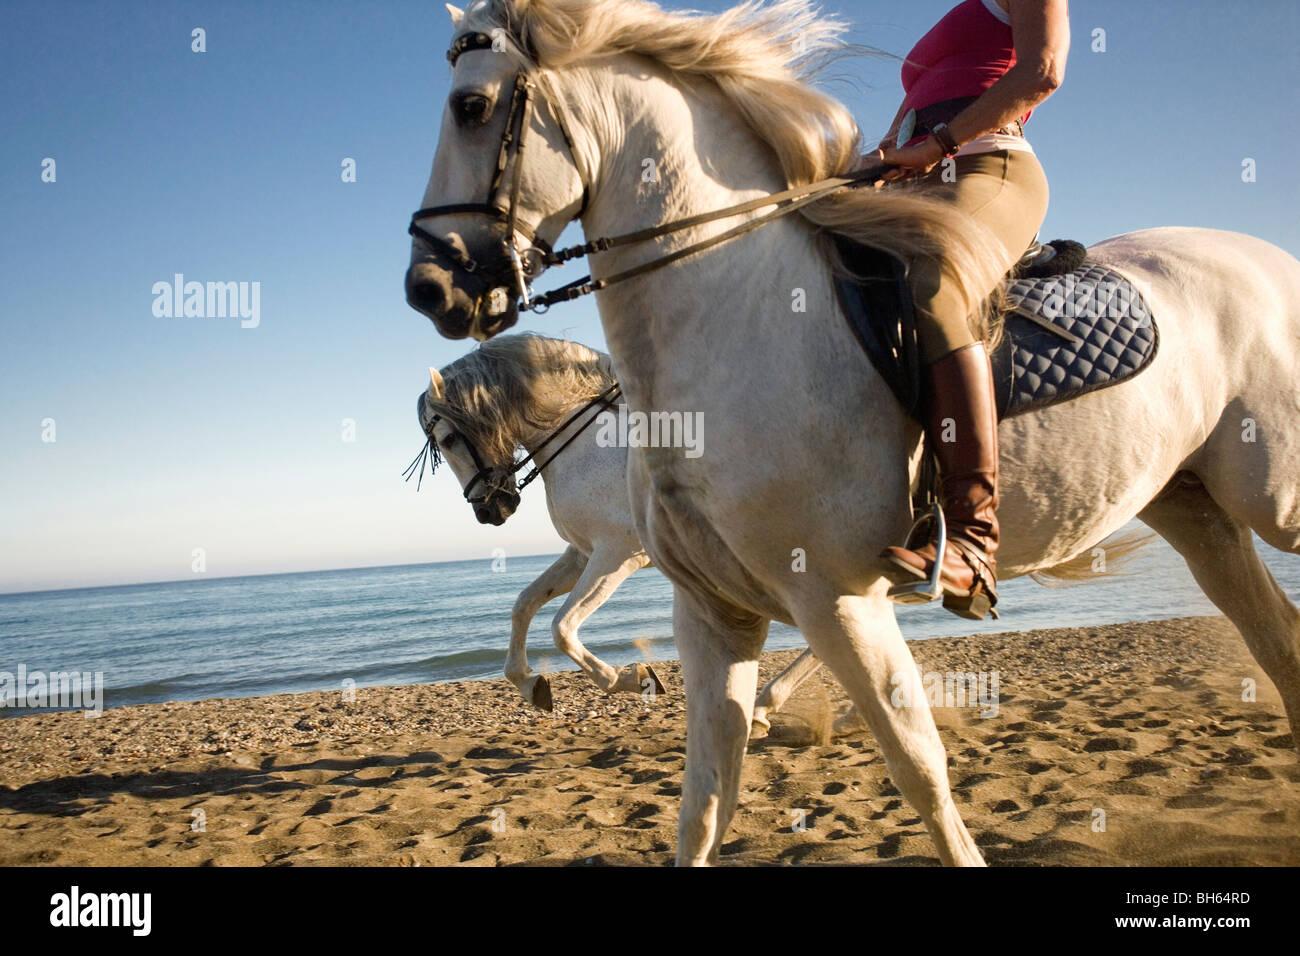 Dos mujeres a caballo en la playa Imagen De Stock